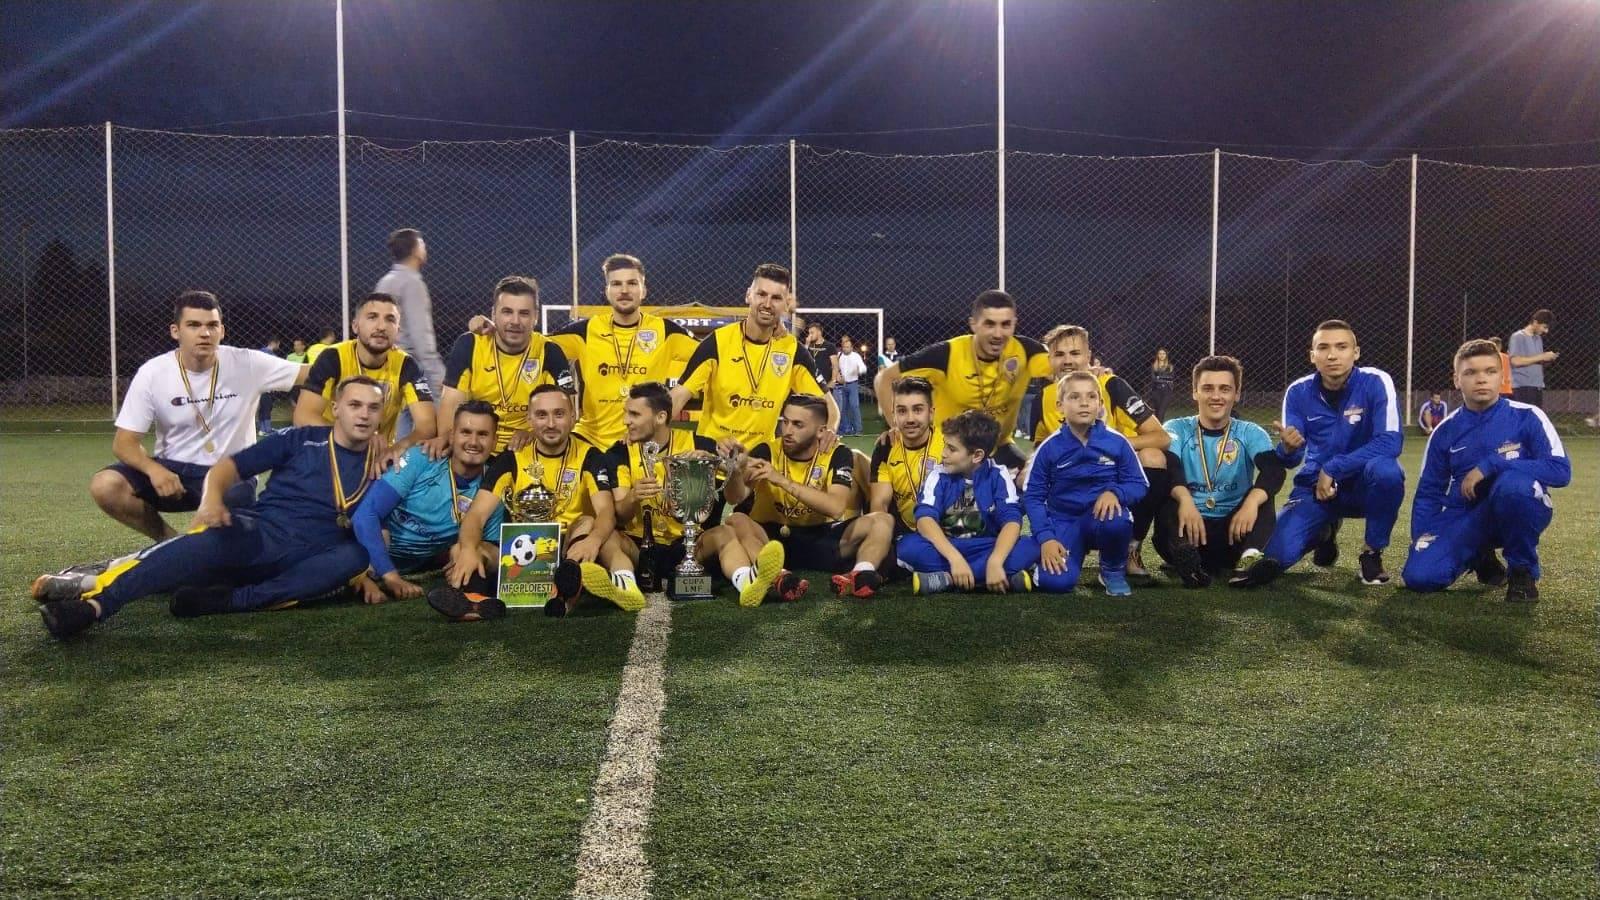 În drumul spre o nouă Cupă a României, în varianta prahoveană, a MFC Ploiești se află un obstacol înalt – SystemBau